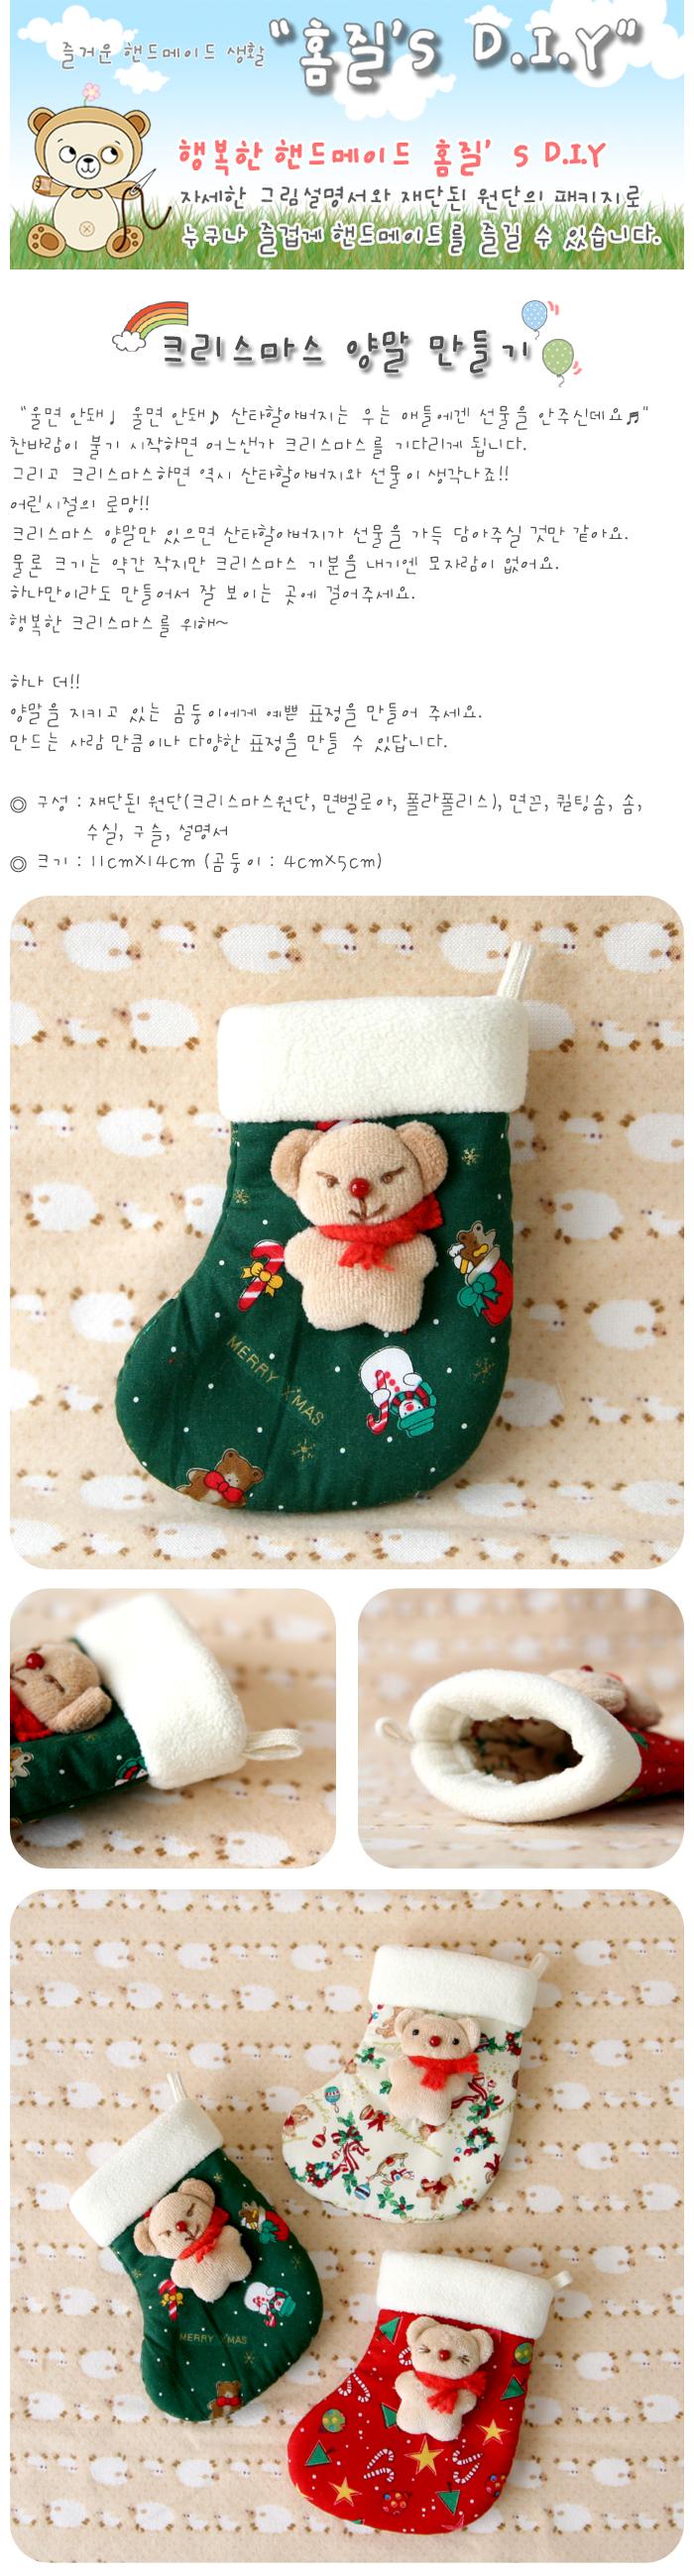 크리스마스 초록양말 만들기 - 홈질, 12,000원, 퀼트/원단공예, 크리스마스용품 패키지